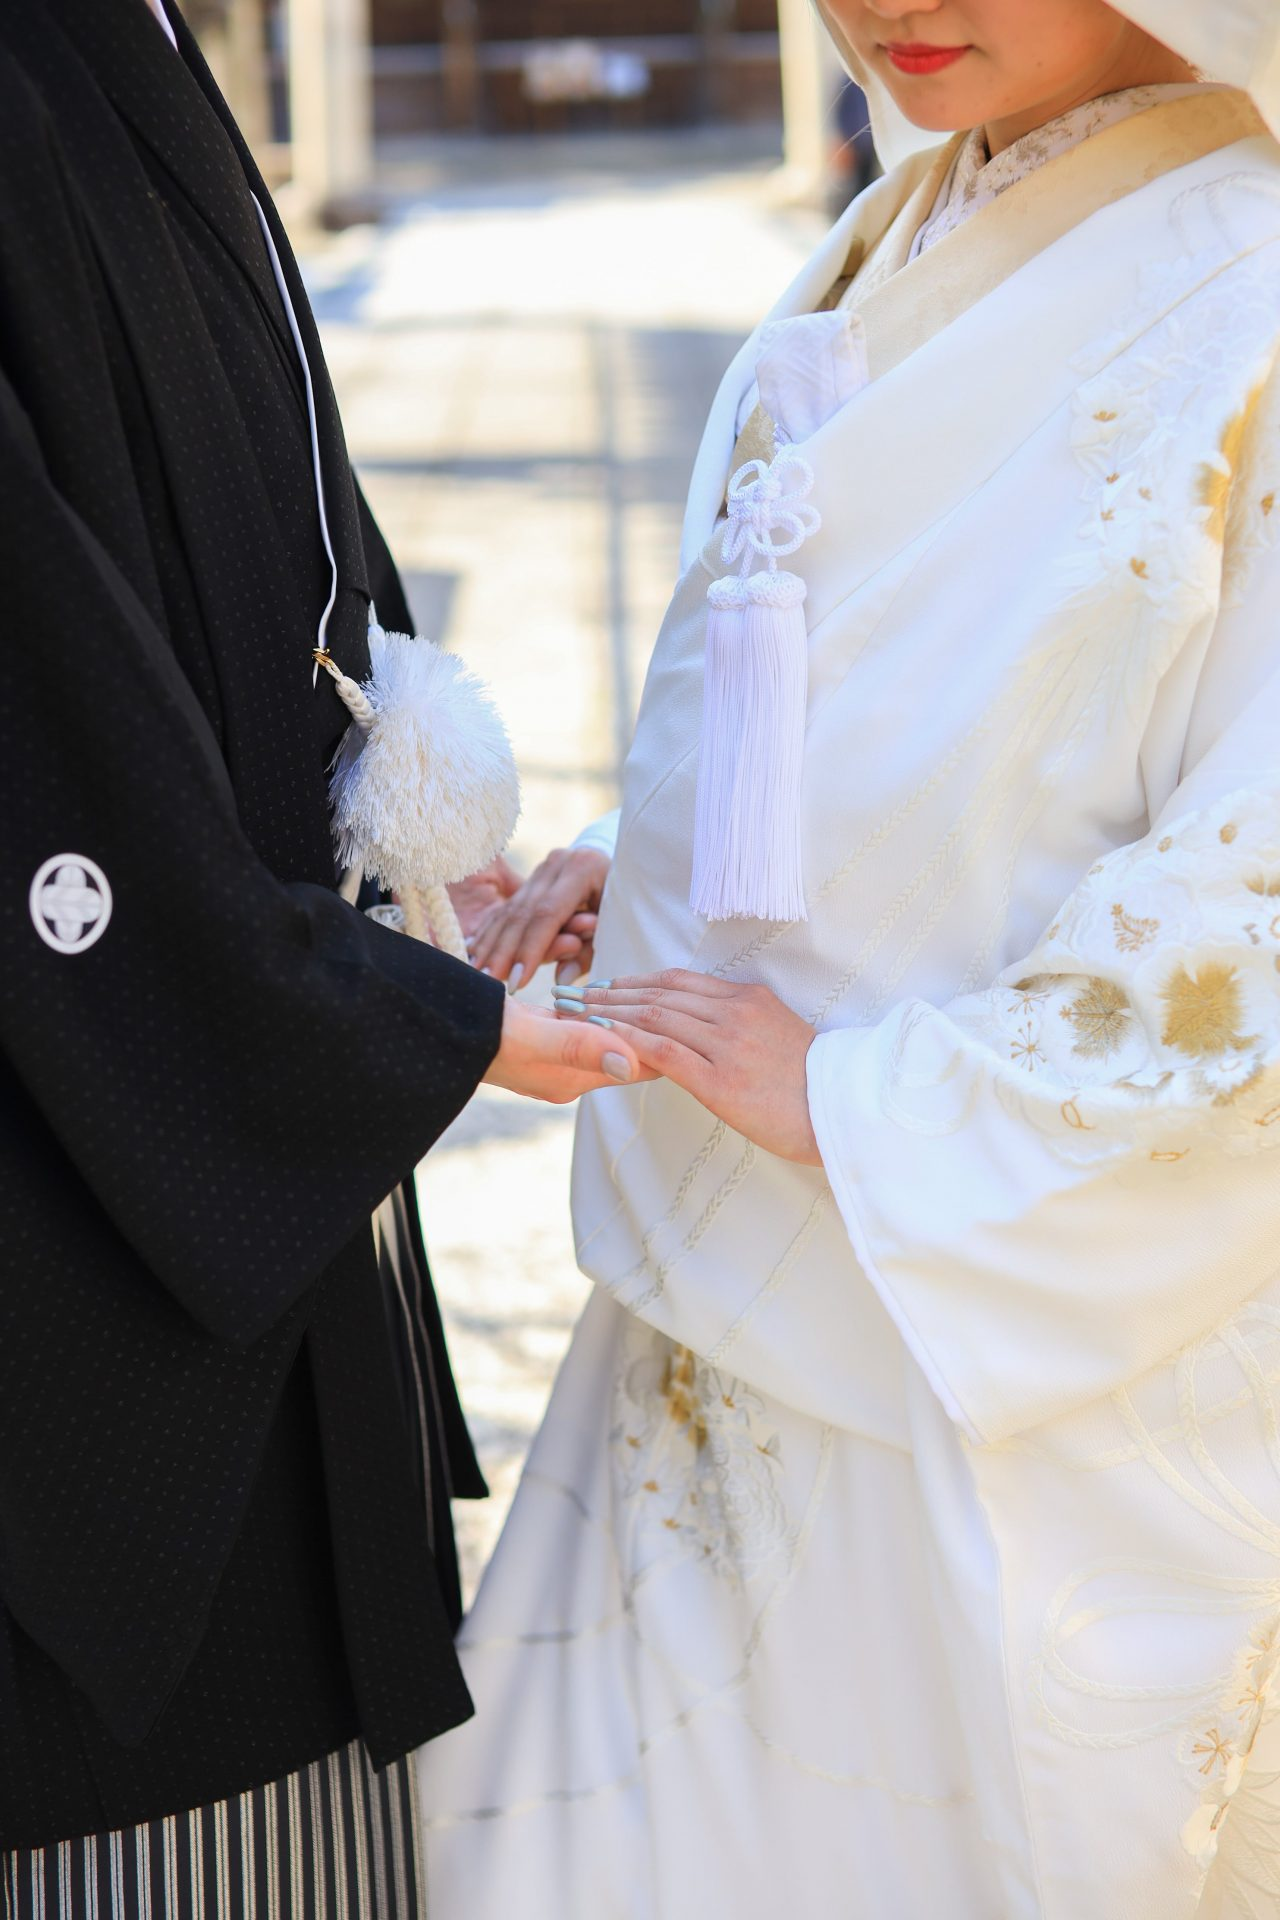 春日神社にて神前式をされる新郎新婦様におすすめの和装コーディネート